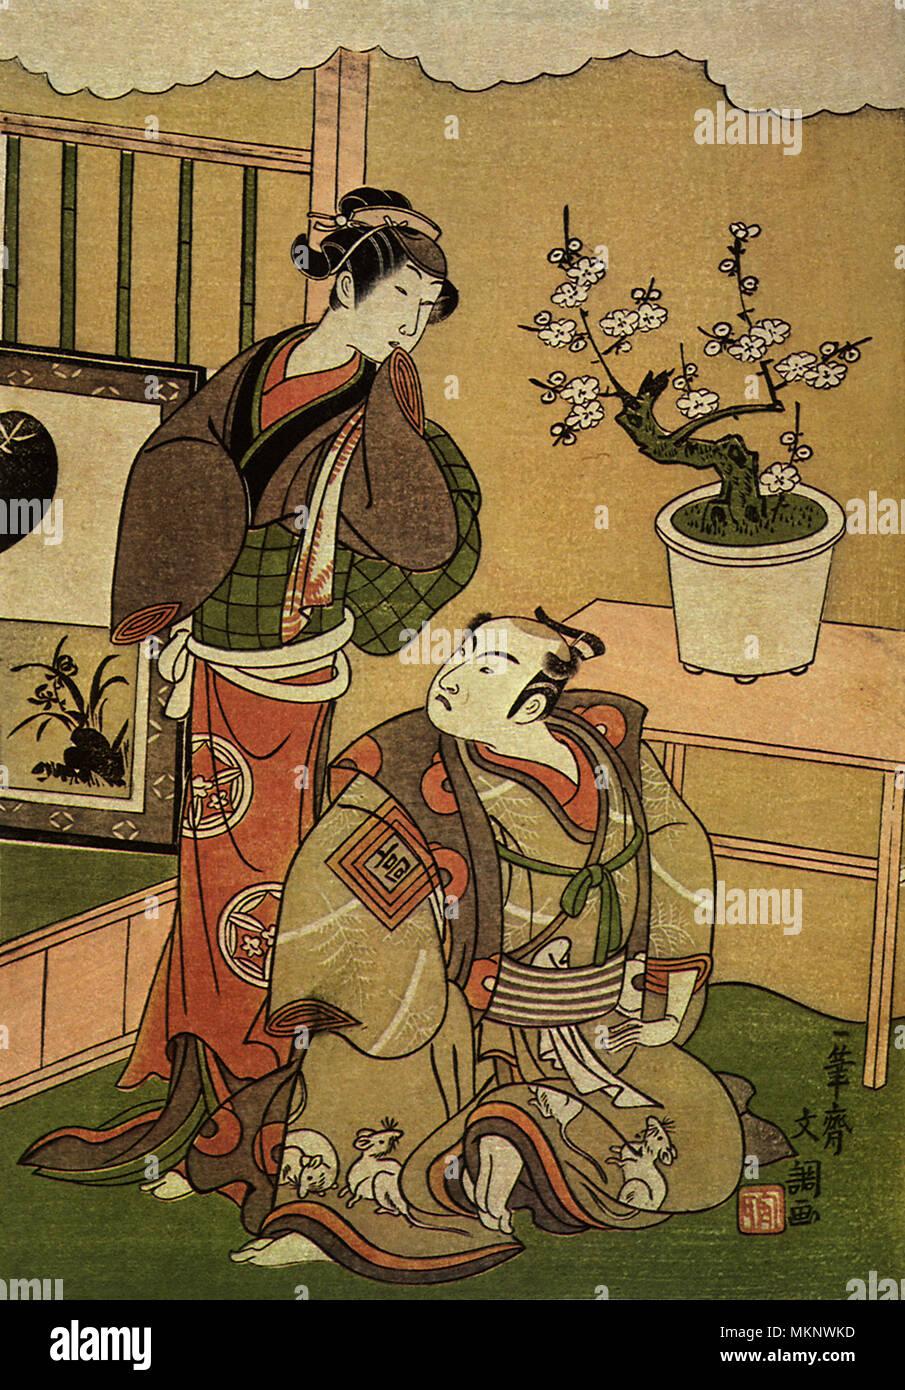 The Actors Ichikawa Komazo and Yamashita Kinsaku II - Stock Image